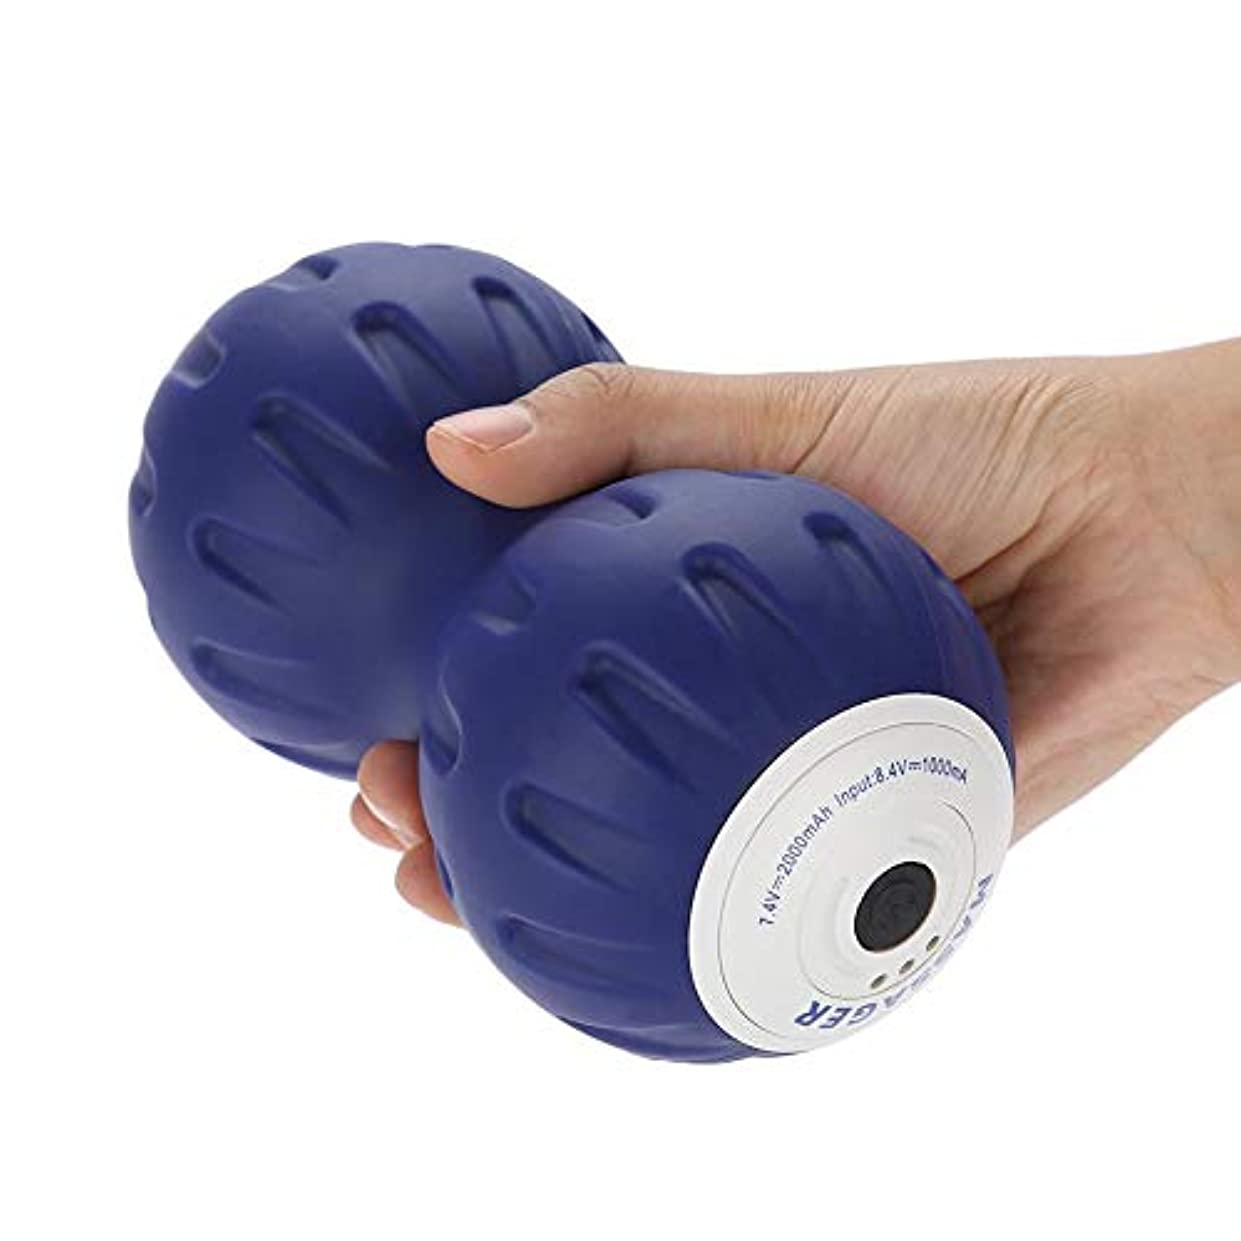 行静かに郊外ピーナッツ マッサージボール 筋膜 マッサージローラー ピラティスヨガ枕筋肉 リラックスリリース フィットネス(02)